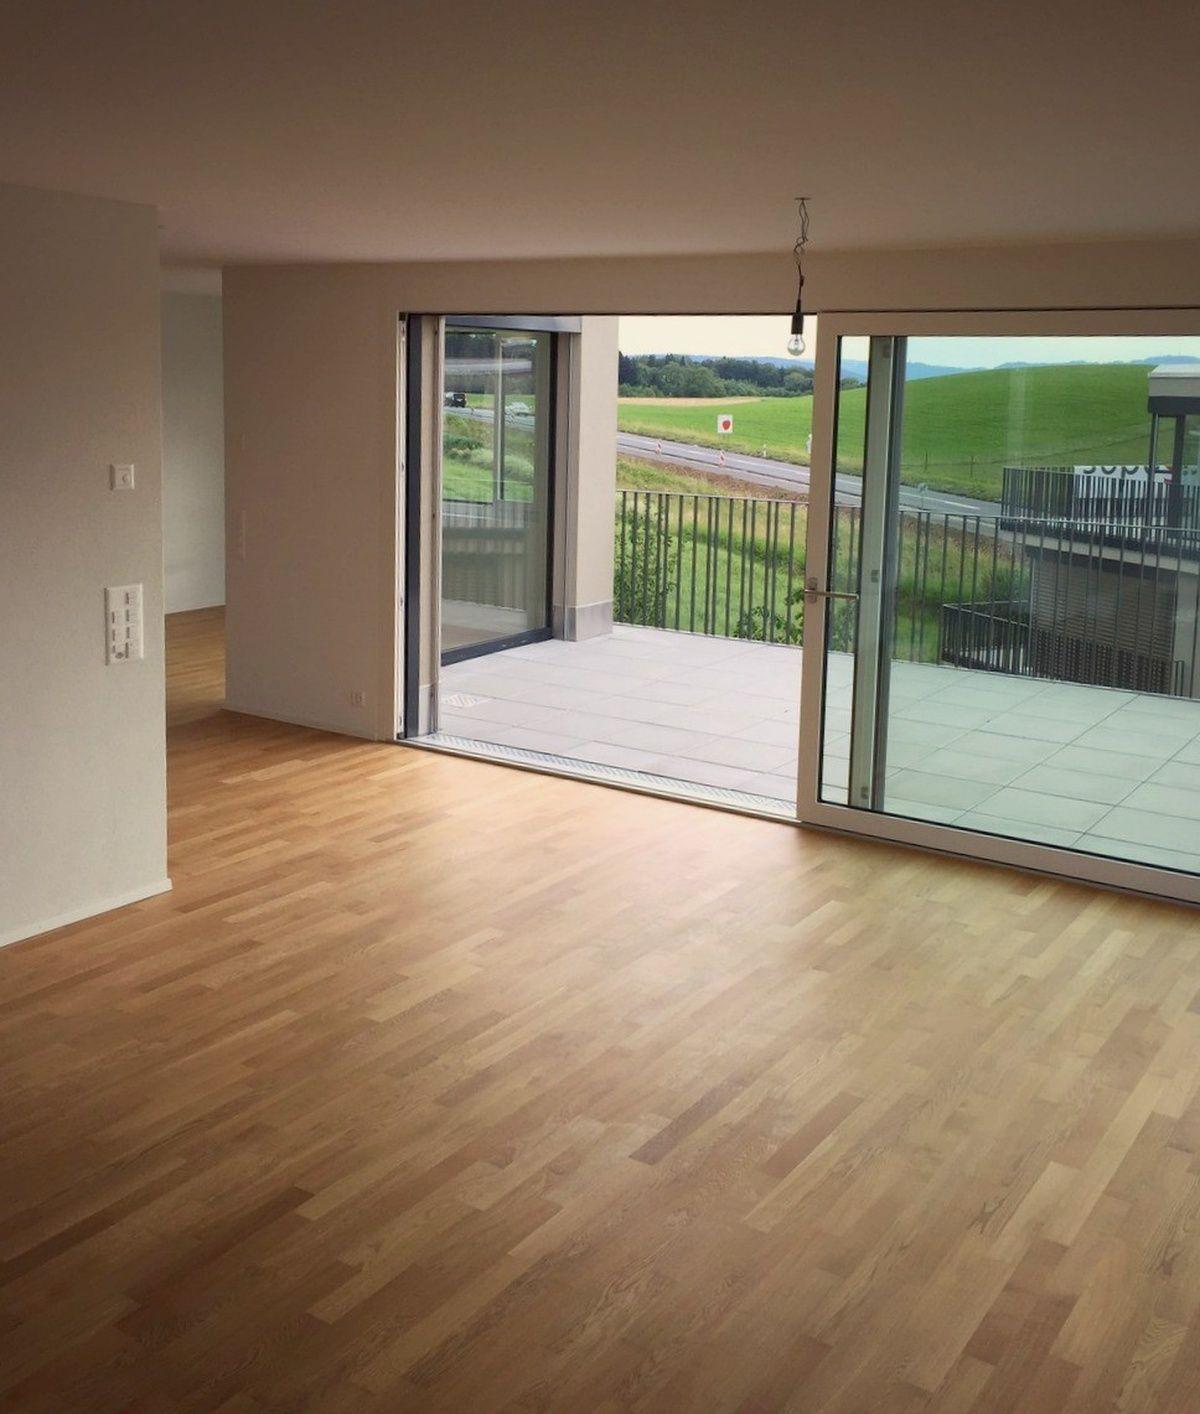 Grosszugige 3 5 Zimmer Wohnung In Lufingen 2 700 Chf Mit